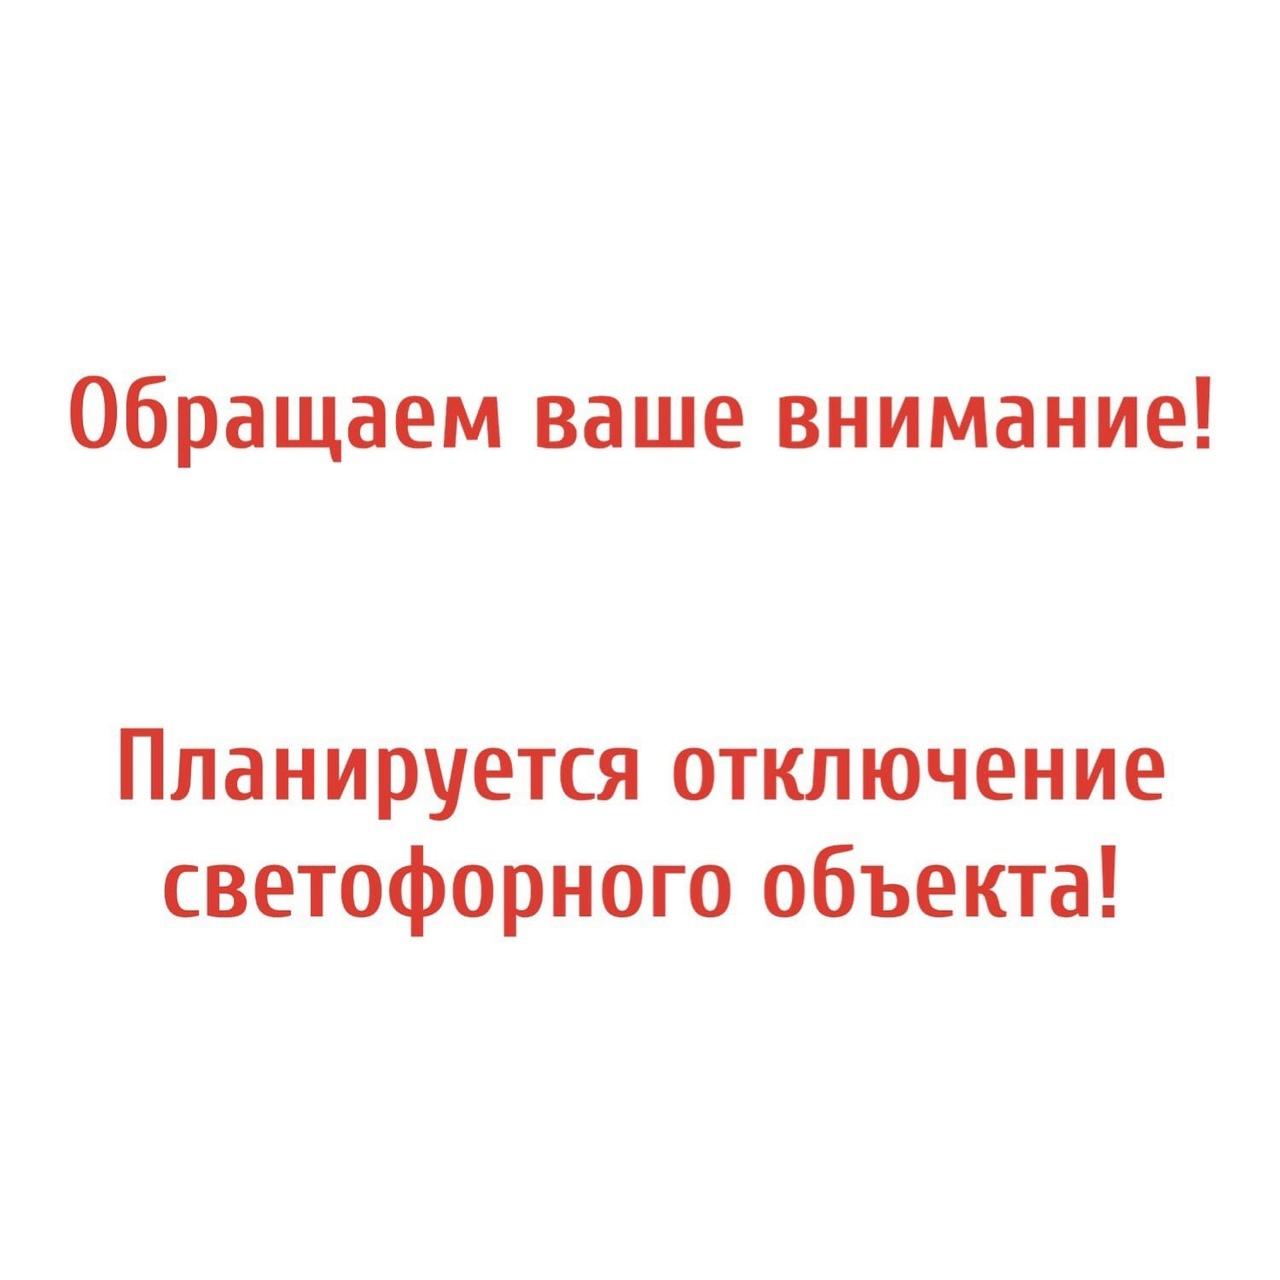 МКУ «Благоустройство»: В Таганроге с 18 по 21 мая отключат светофор на улице Транспортной